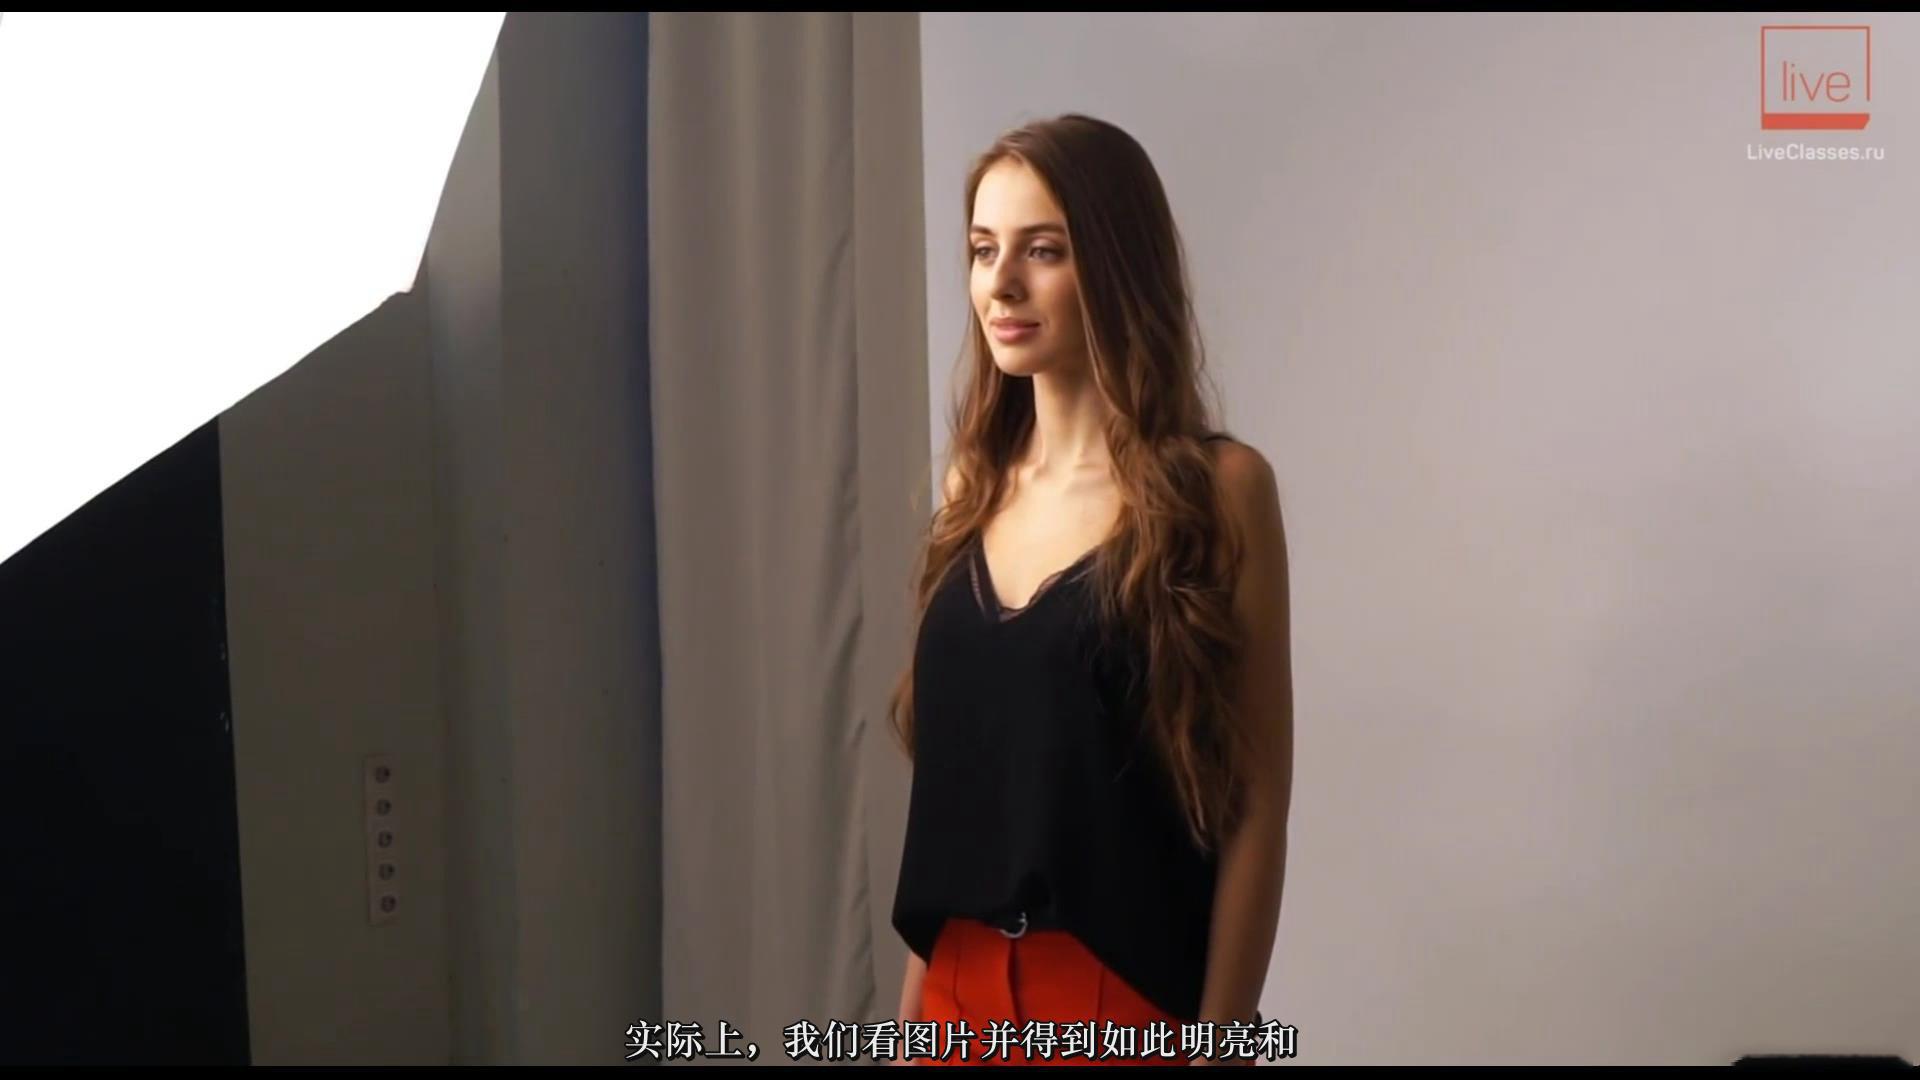 摄影教程_Liveclasses-Alexey Dovgulya使用强光或柔光拍摄酷炫工作室人像-中文字幕 摄影教程 _预览图10